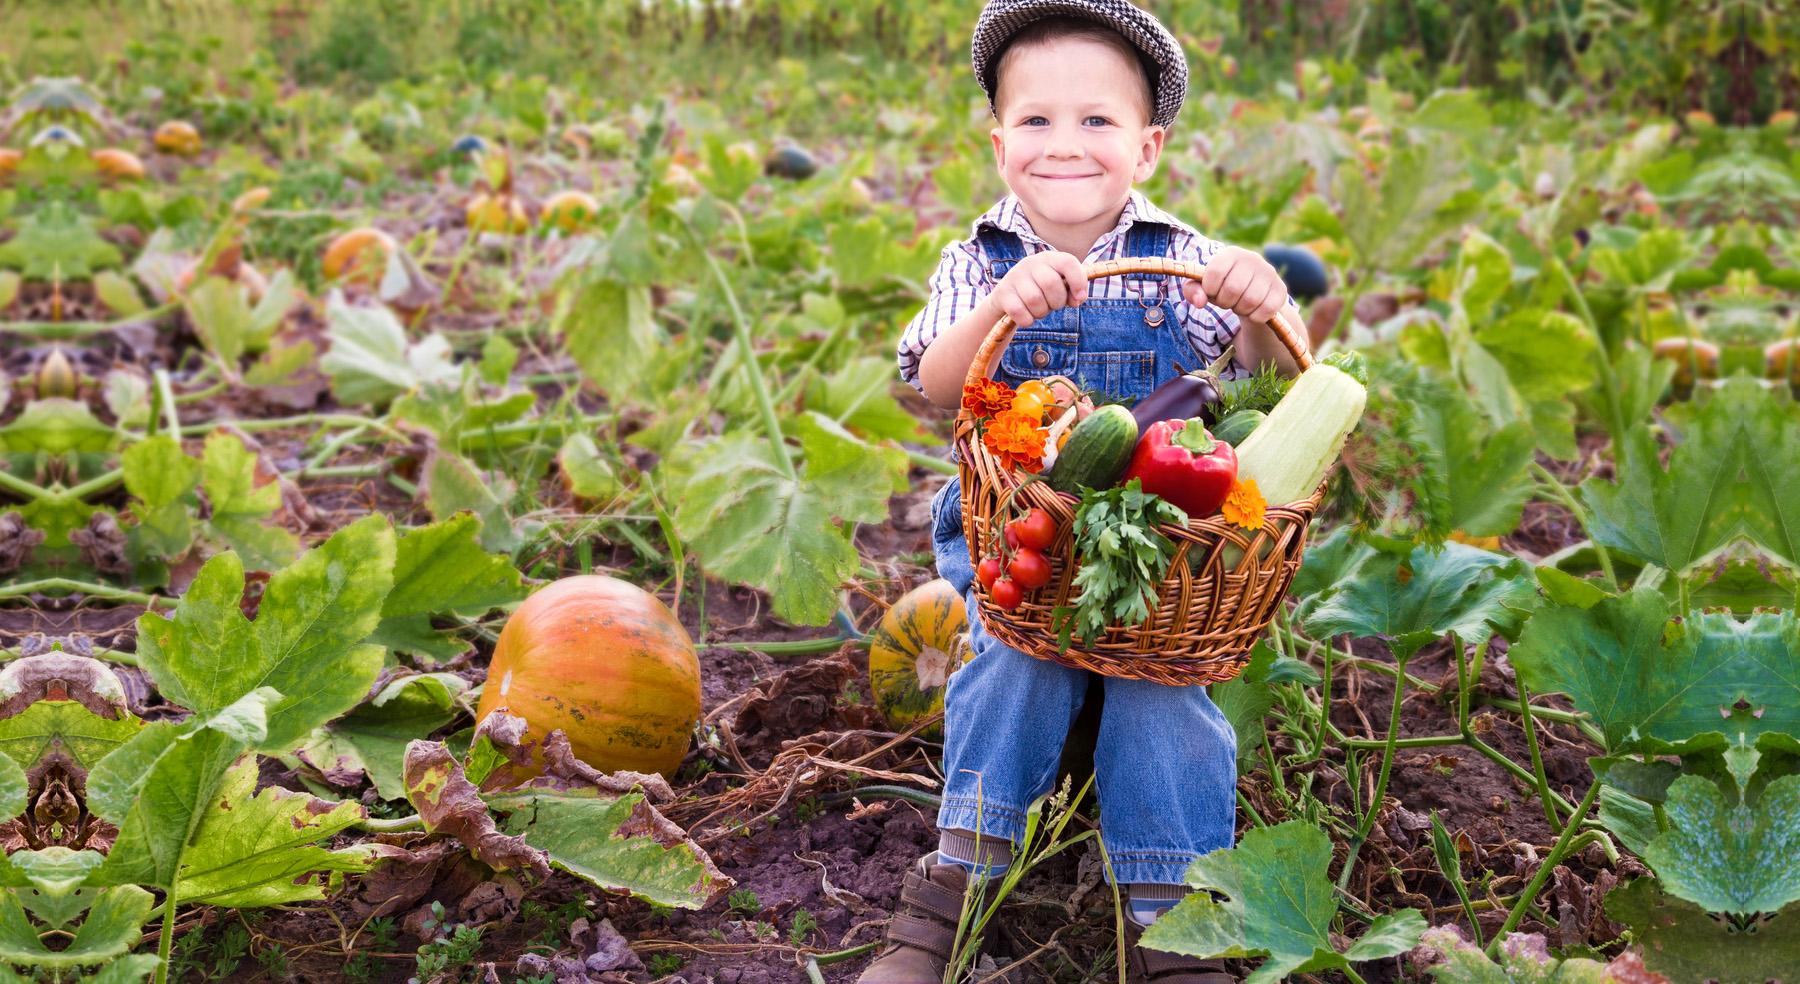 Новороссийцы согласны на тяжелый труд, чтоб прокормить семью